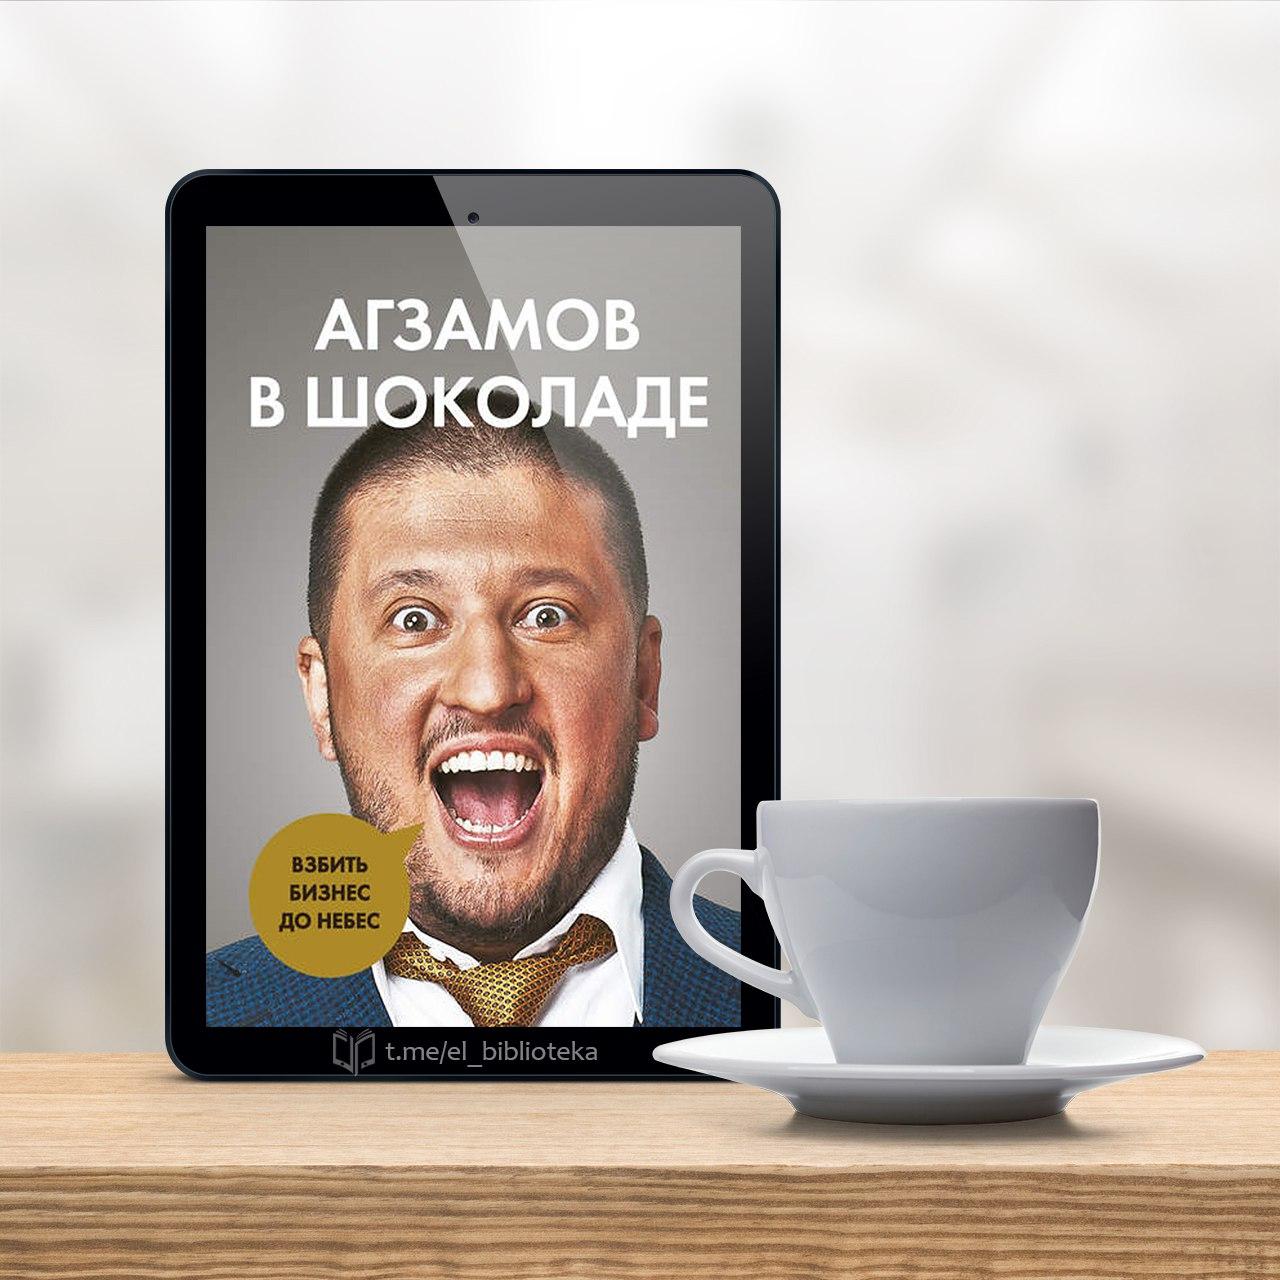  Агзамов в шоколаде. Взбить бизнес до небес  Автор:  Агзамов_Ренат  Год...